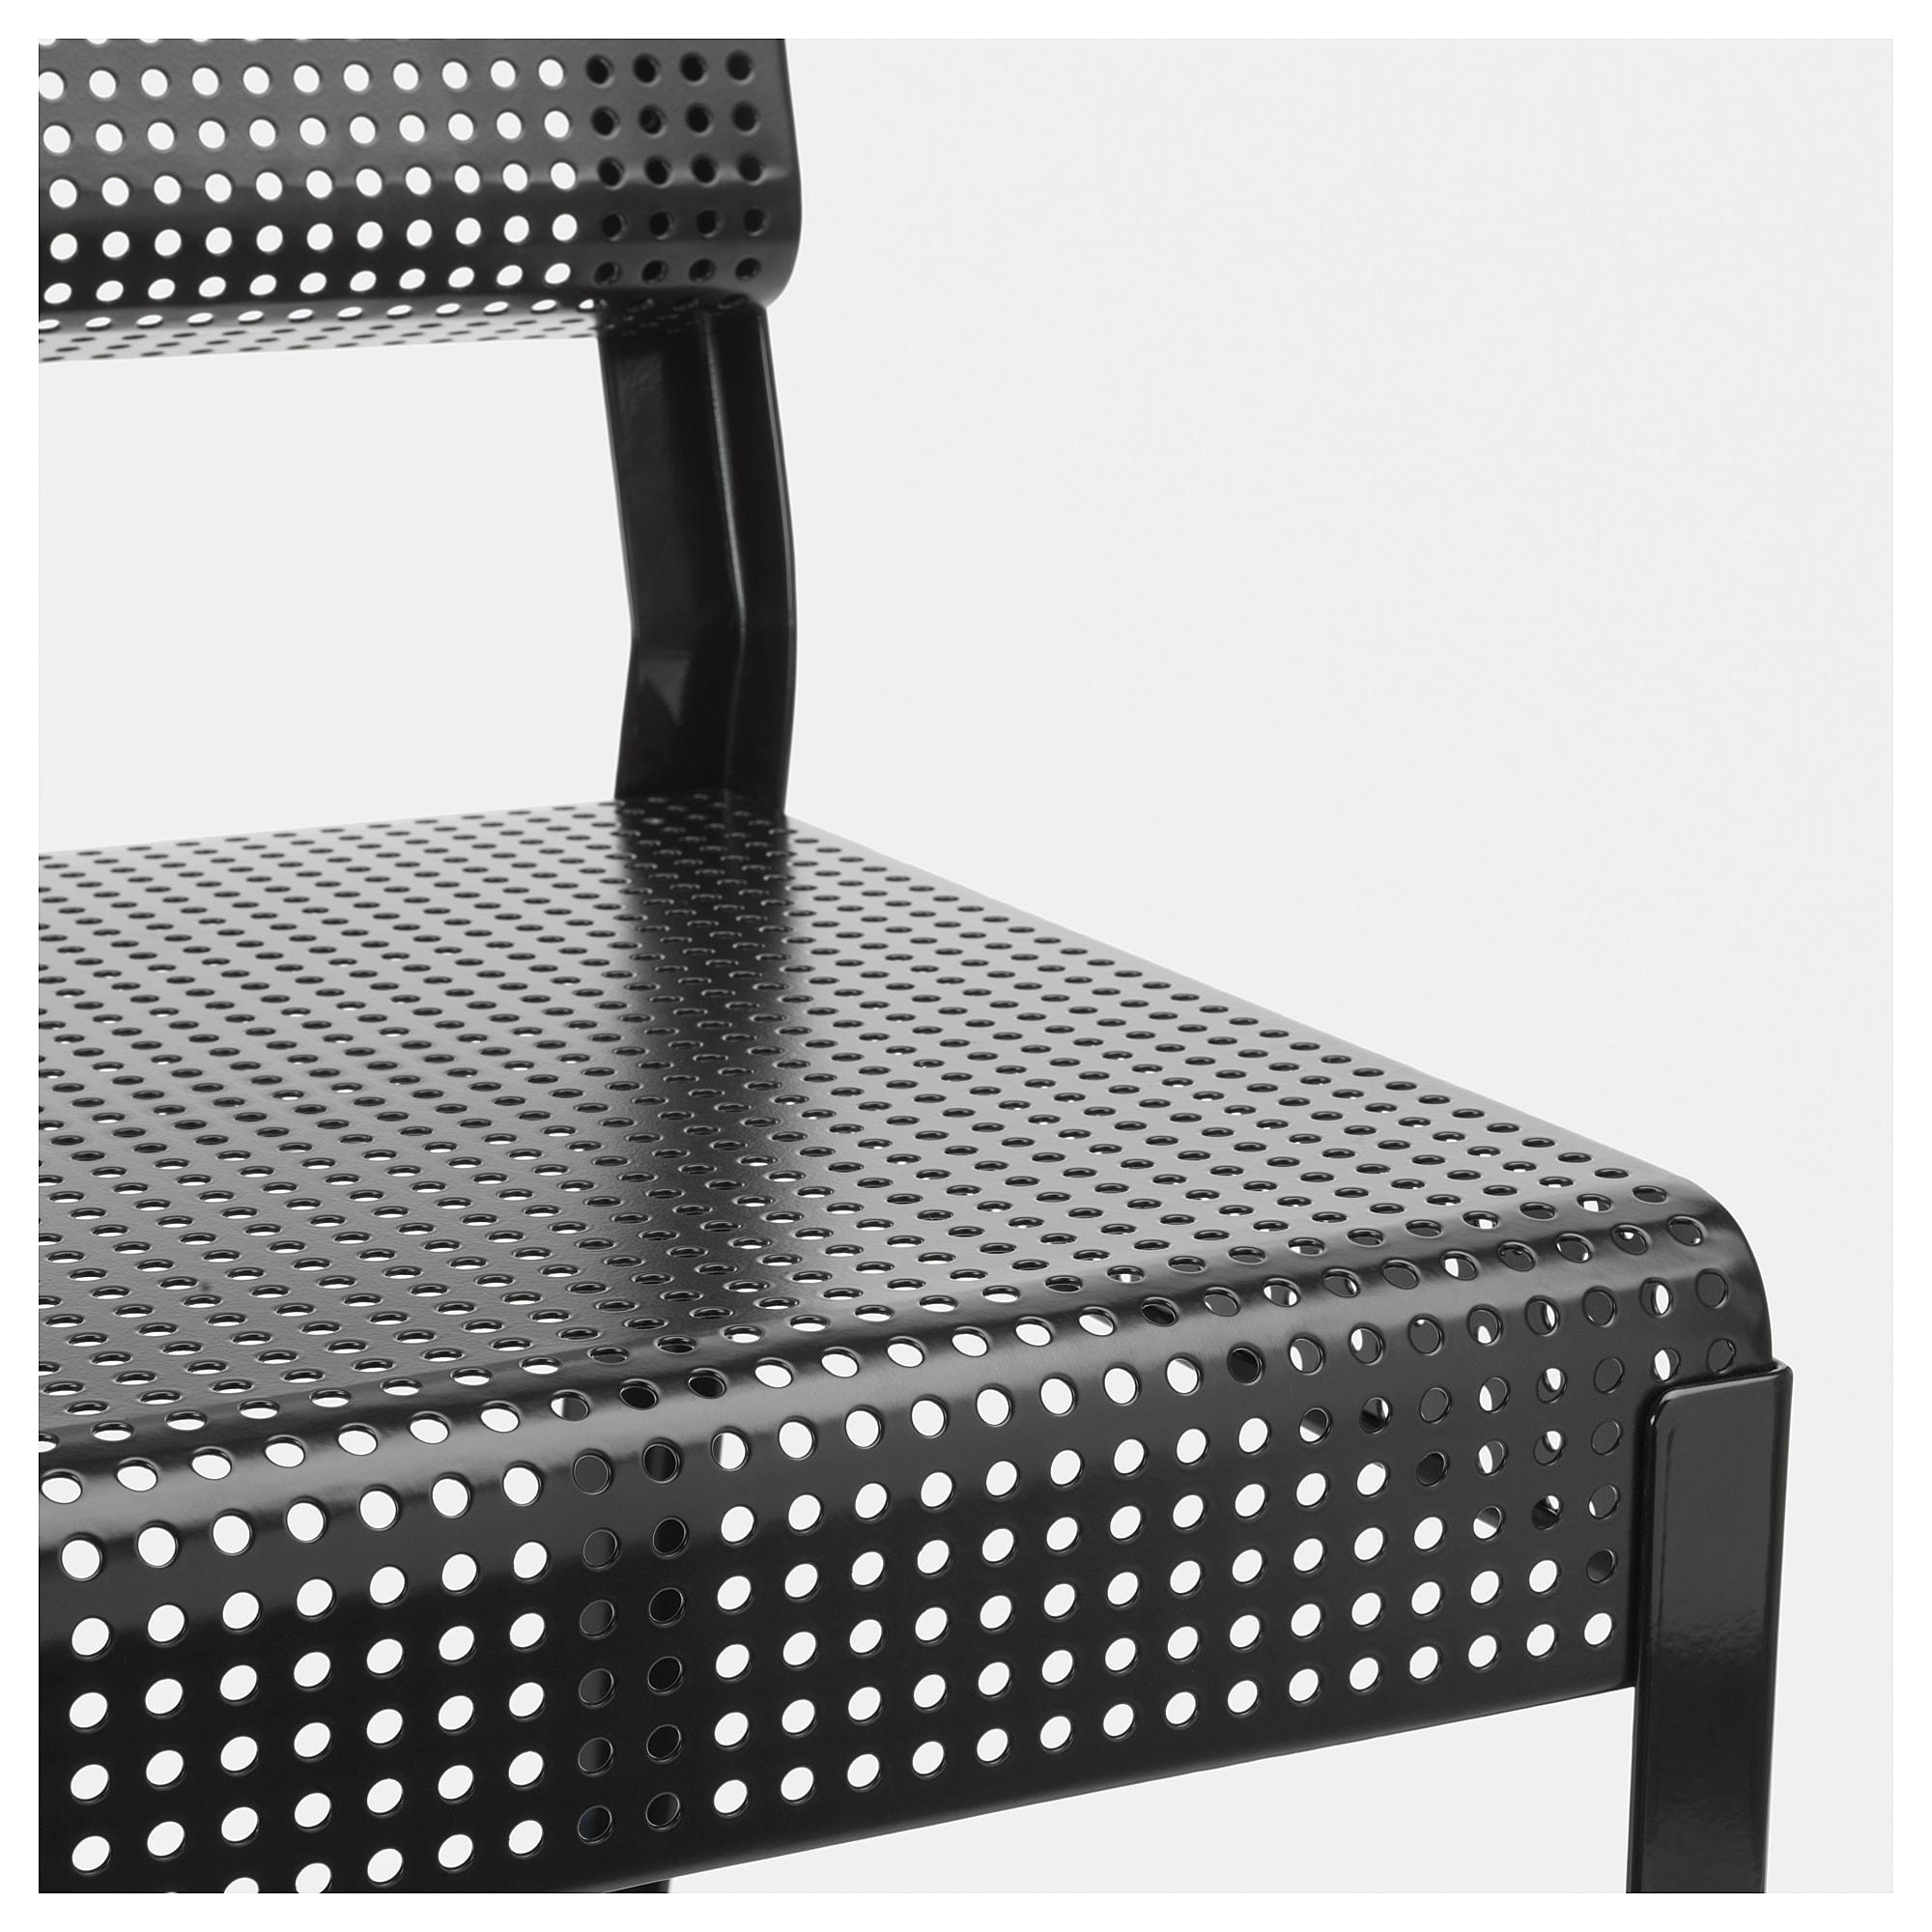 Стул для дома/сада СЬЕЛЬВСТЭНДИГ черный артикуль № 804.149.30 в наличии. Онлайн сайт IKEA Беларусь. Быстрая доставка и установка.